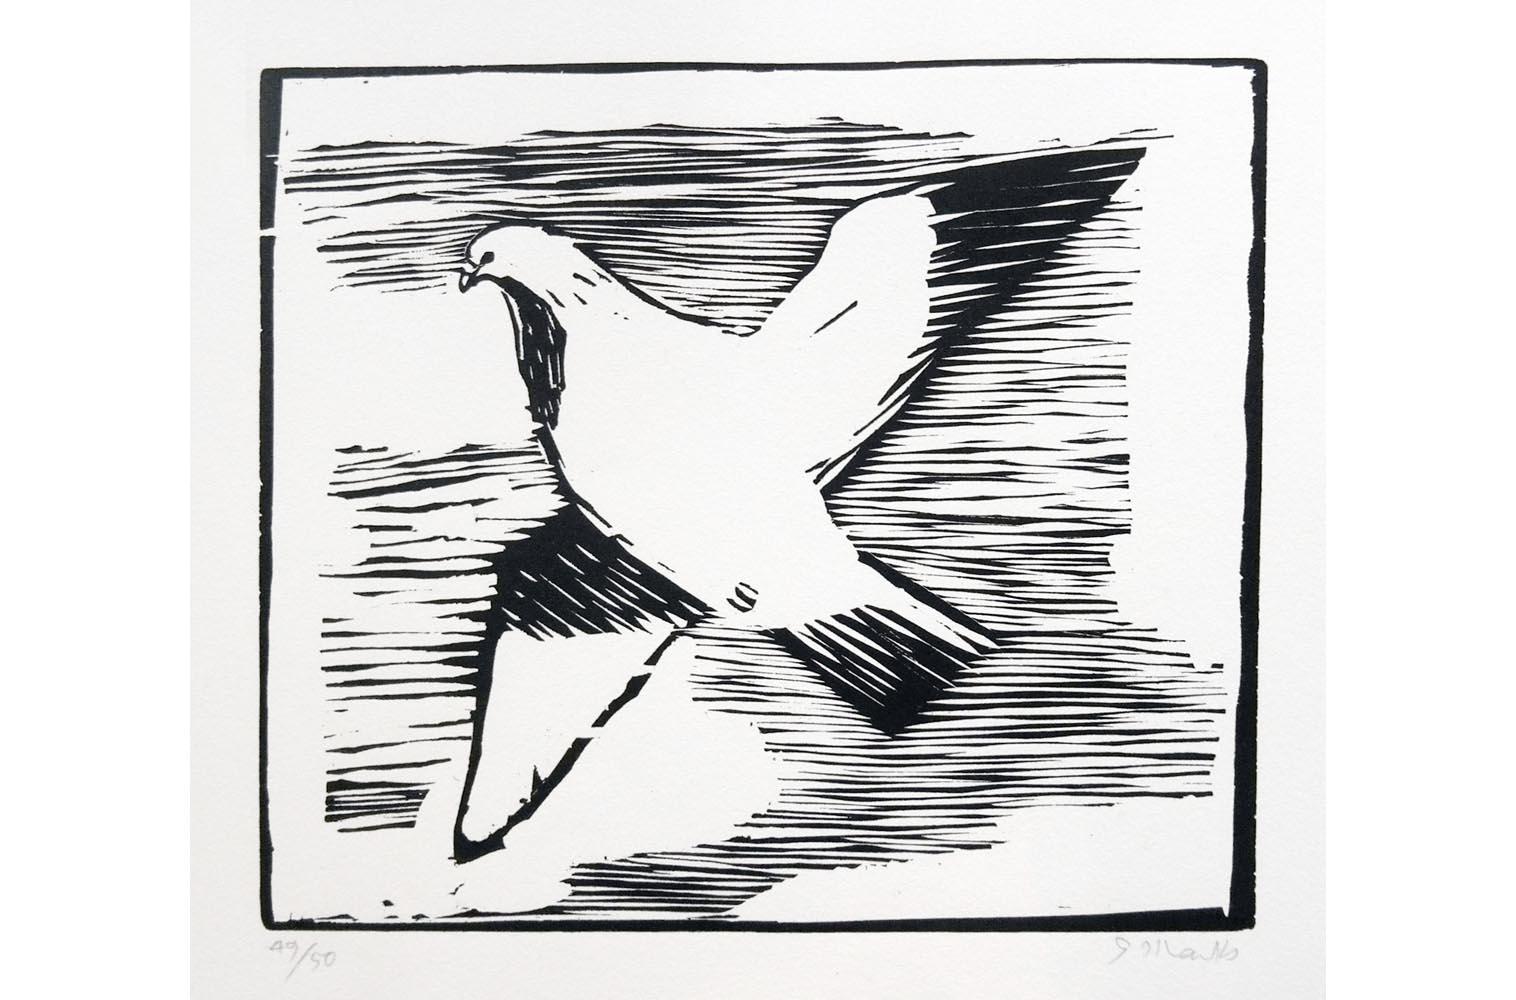 """Gerhard Marcks (1889-1981 ) """" Taube """" Holzschnitt auf Japanpapier, 1953 Auflage 50 Exemplare, sign. und num. 49/50 Lammek H 213. 25,8 x 29,9 cm 400 €"""